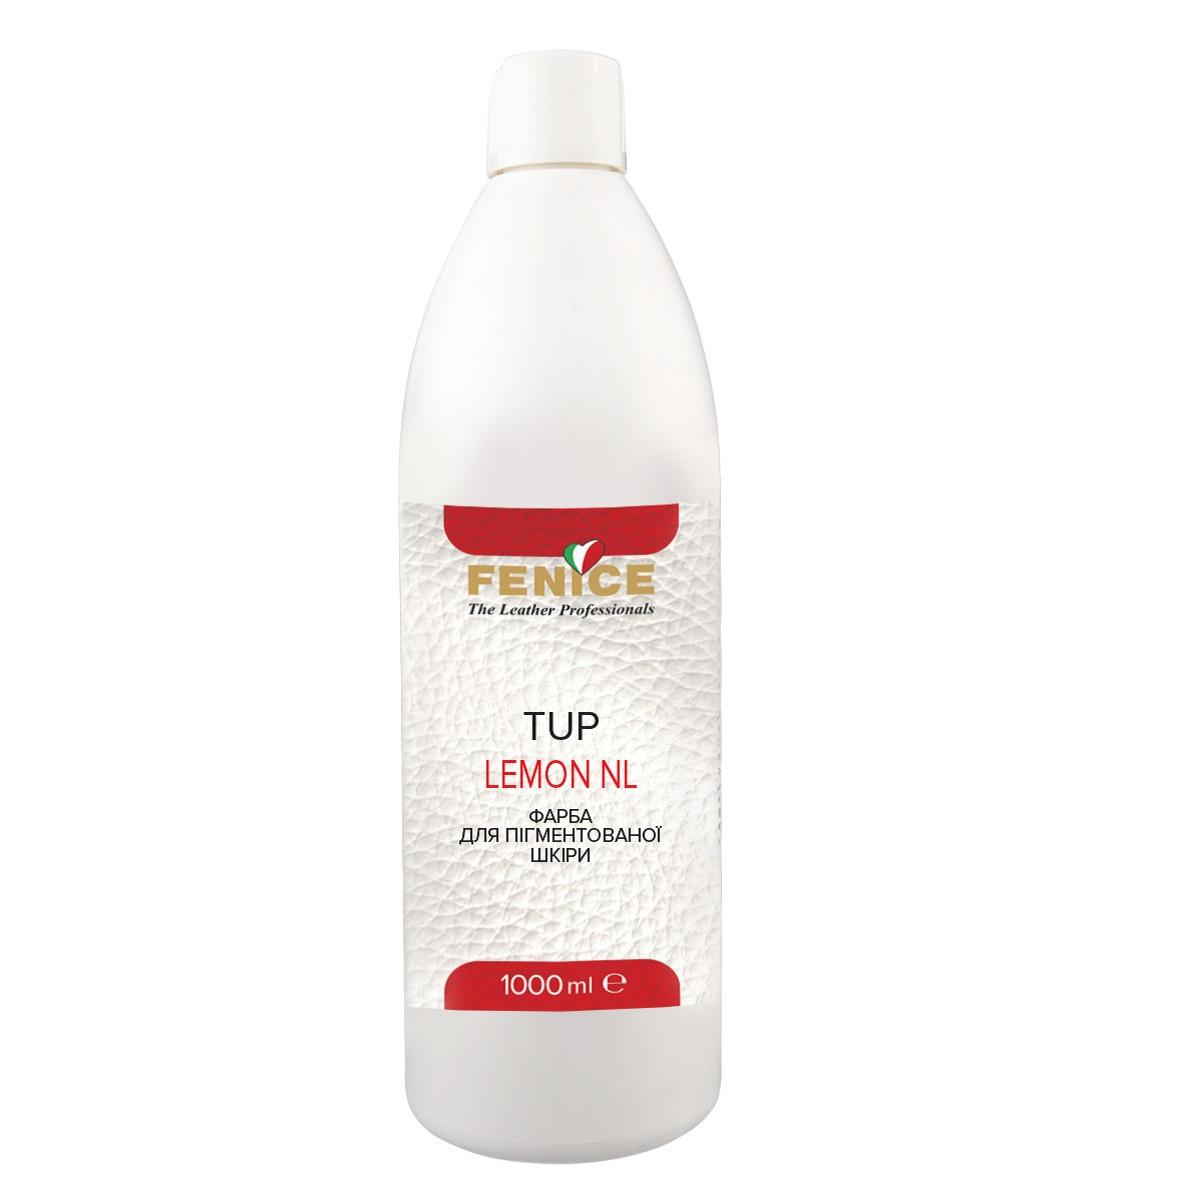 Краска для кожи Fenice TUP Lemon NL, цвет Лимон, 1L